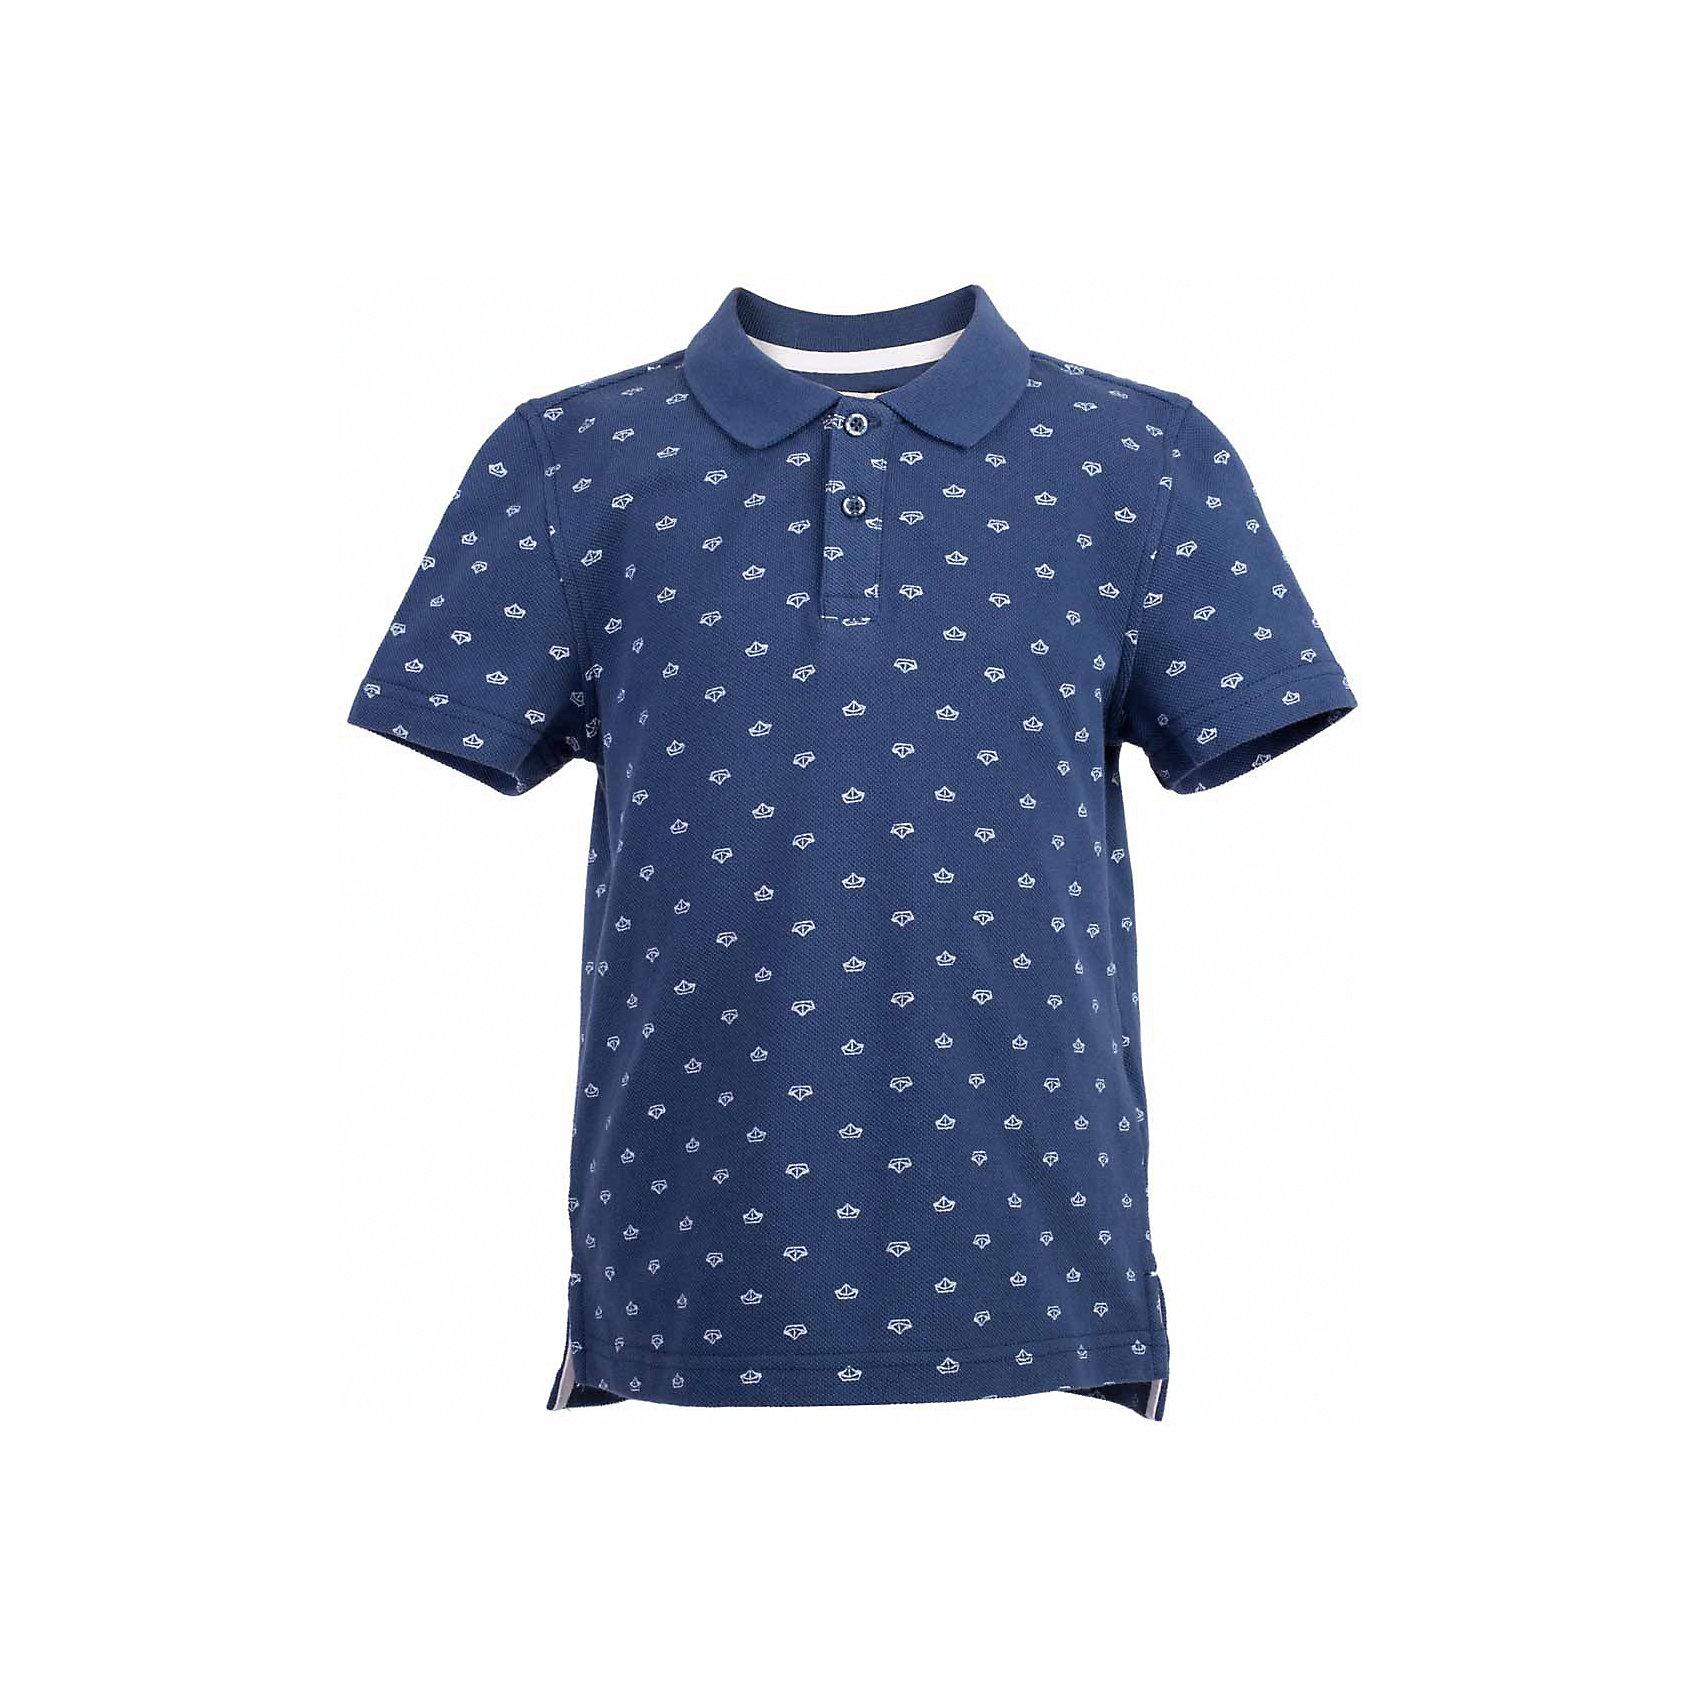 Поло для мальчика  BUTTON BLUEФутболки, поло и топы<br>Поло для мальчика  BUTTON BLUE<br>Синяя футболка-поло - изделие из разряда must have! Это не только базовая вещь в гардеробе ребенка, но и залог хорошего летнего настроения! Если вы решили купить недорогую  футболку-поло для мальчика, выберете стильное синее поло с мелким рисунком от Button Blue, и ваш ребенок будет доволен! Низкая цена не окажет влияния на бюджет семьи, позволив создать интересный базовый гардероб для долгожданных каникул!<br>Состав:<br>100%  хлопок<br><br>Ширина мм: 199<br>Глубина мм: 10<br>Высота мм: 161<br>Вес г: 151<br>Цвет: синий<br>Возраст от месяцев: 132<br>Возраст до месяцев: 144<br>Пол: Мужской<br>Возраст: Детский<br>Размер: 152,158,98,104,110,116,122,128,134,140,146<br>SKU: 5524356